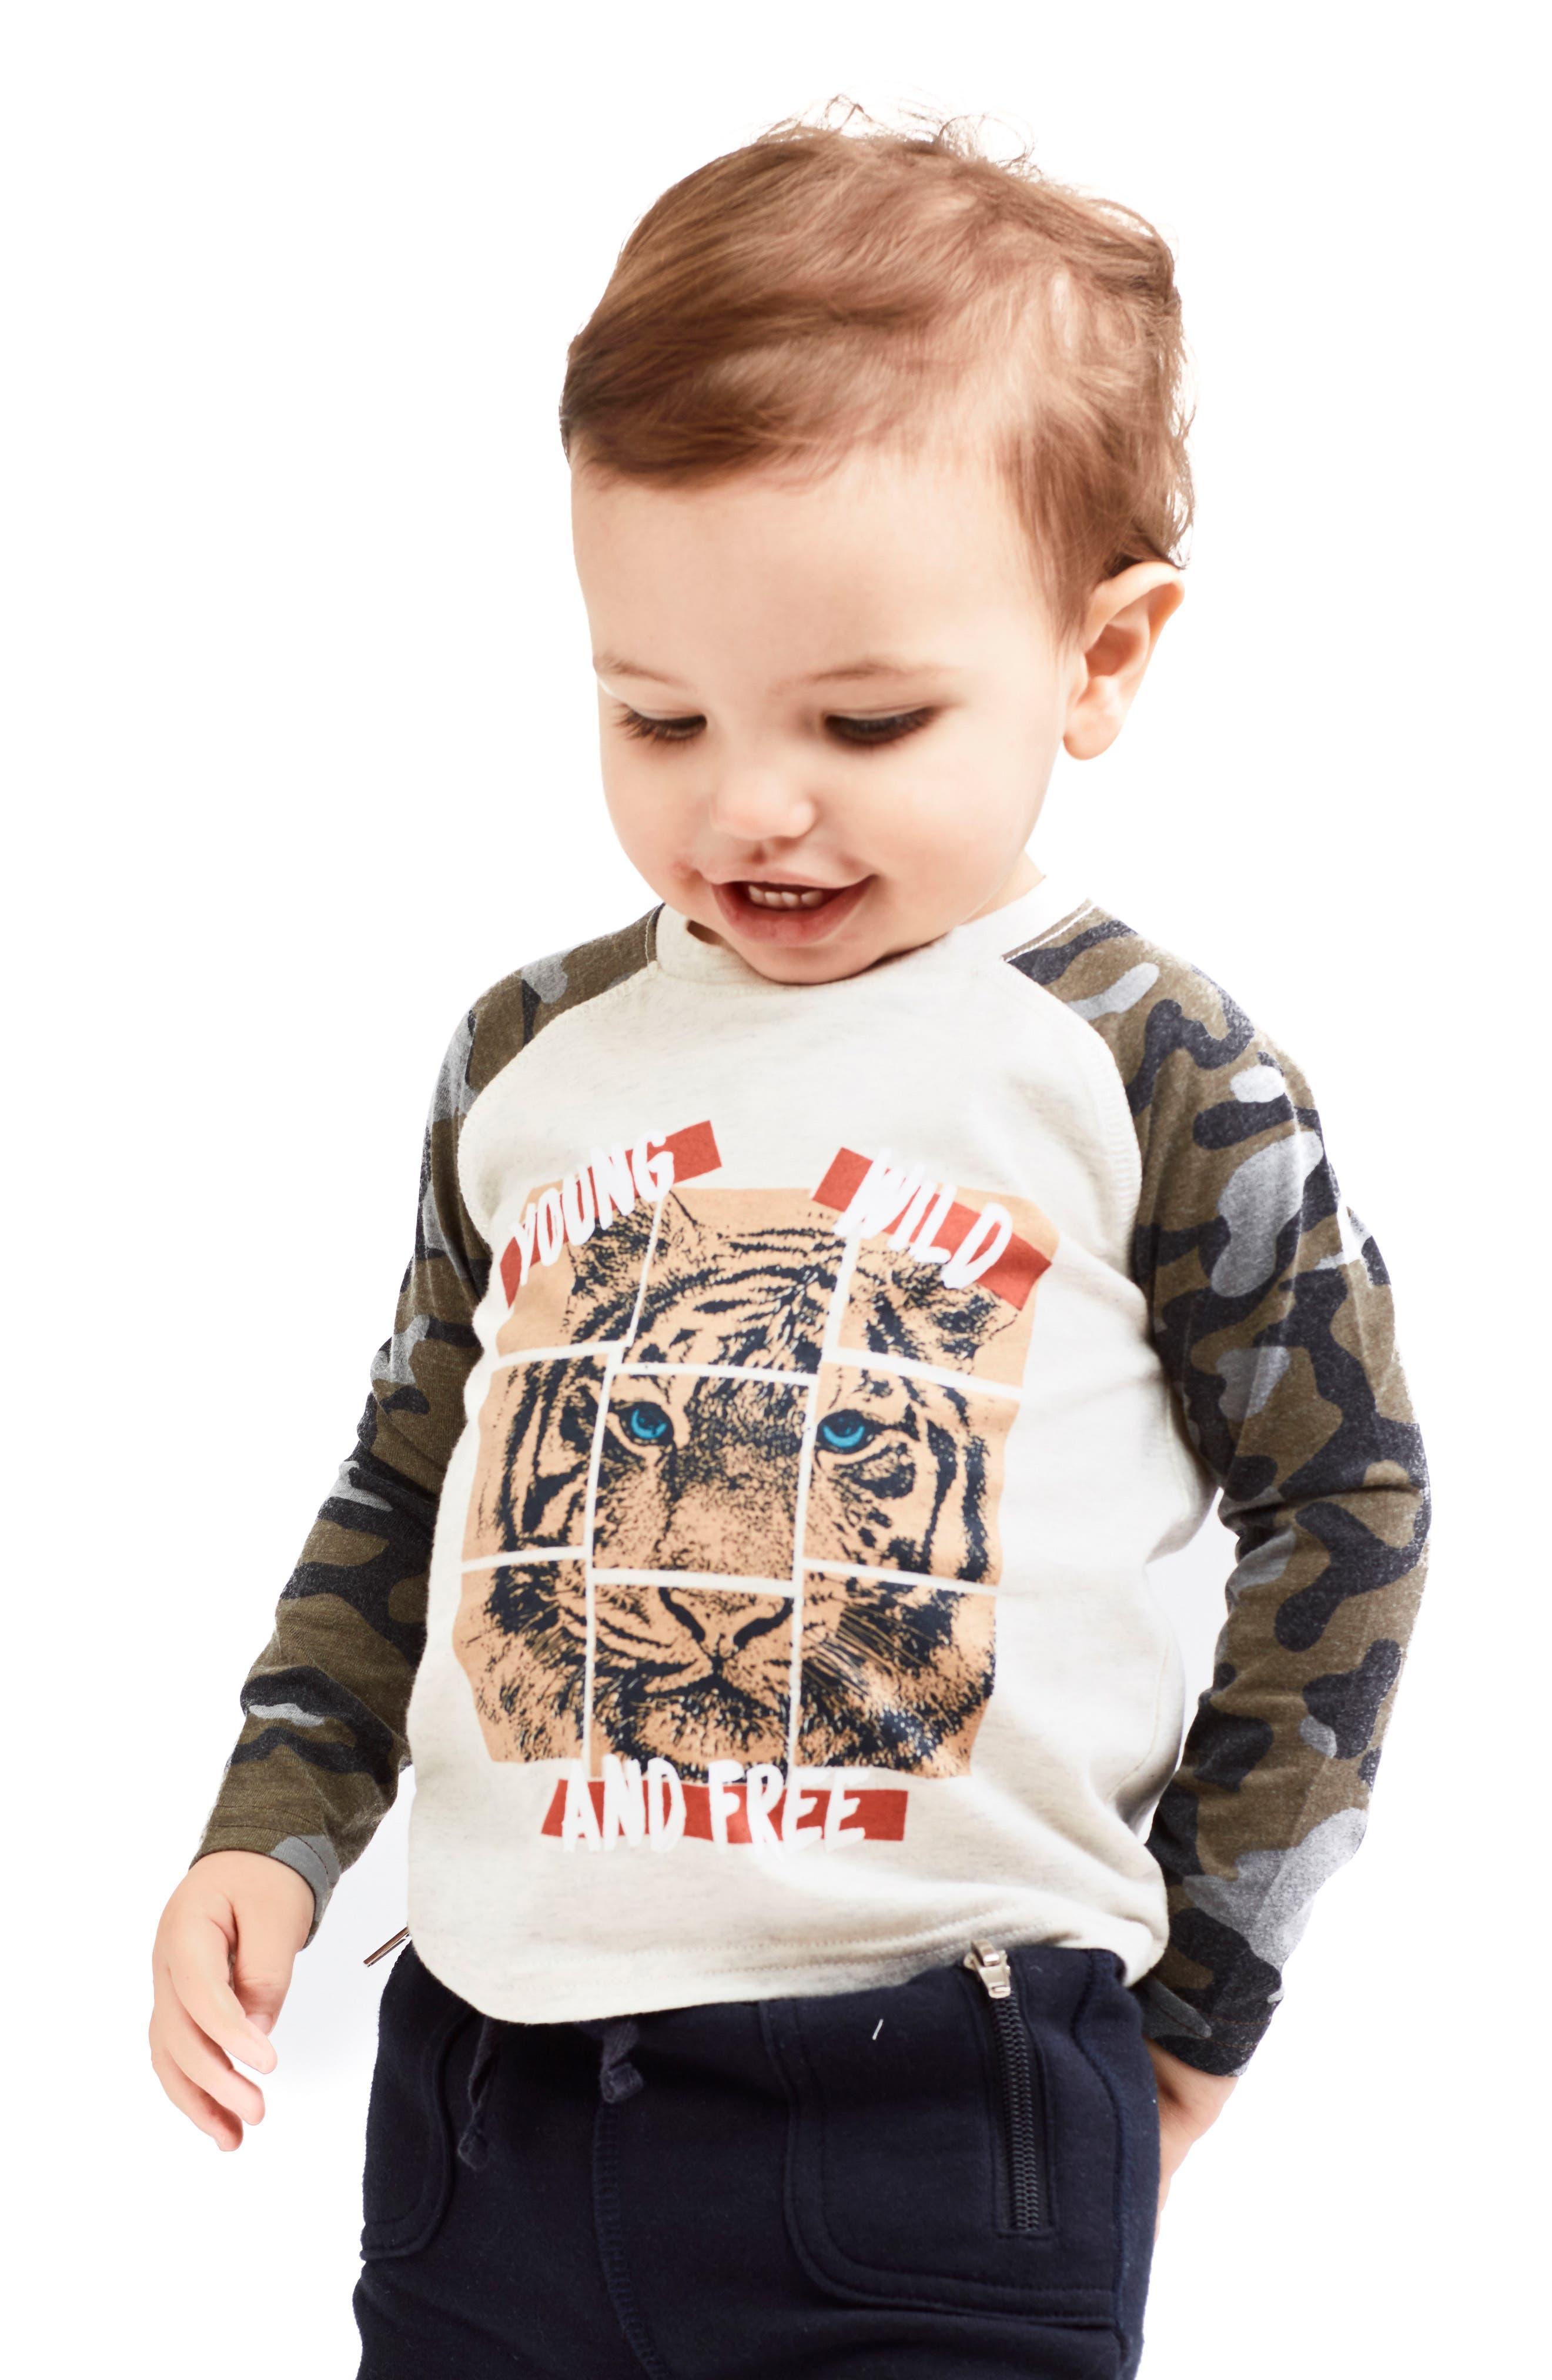 Mini Roar Organic Cotton Raglan T-Shirt,                             Alternate thumbnail 4, color,                             053